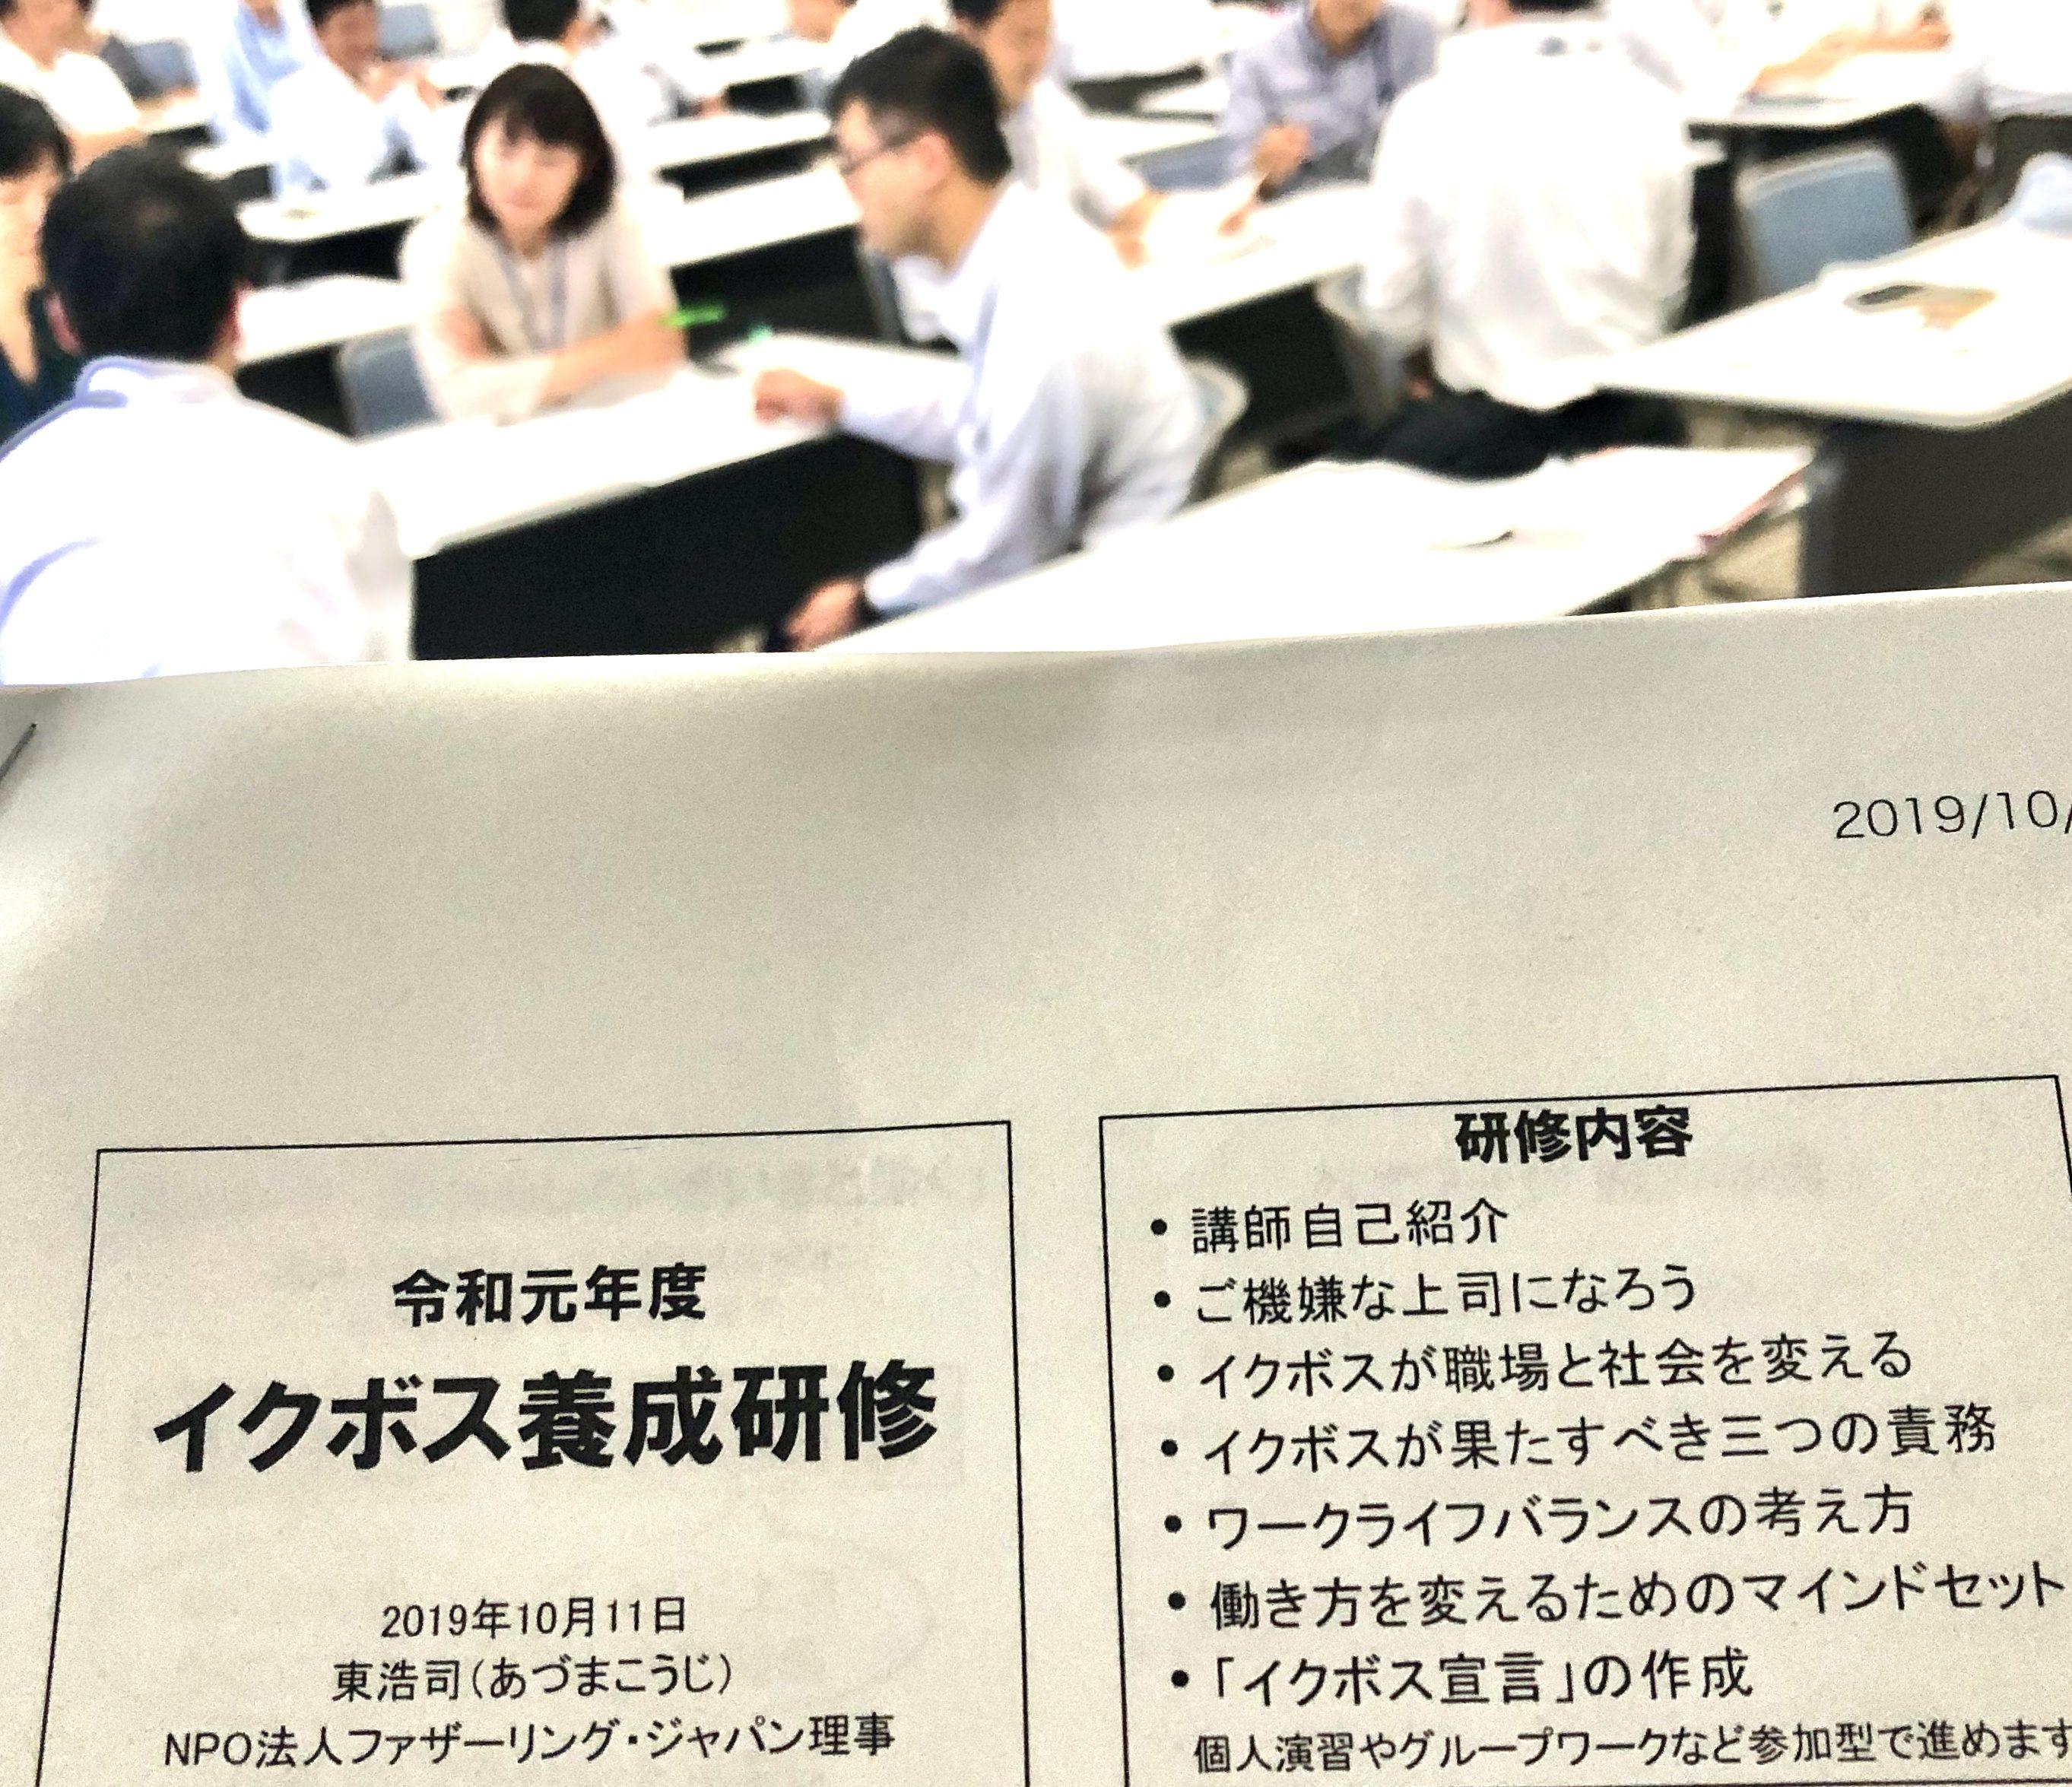 平塚市でイクボス養成研修